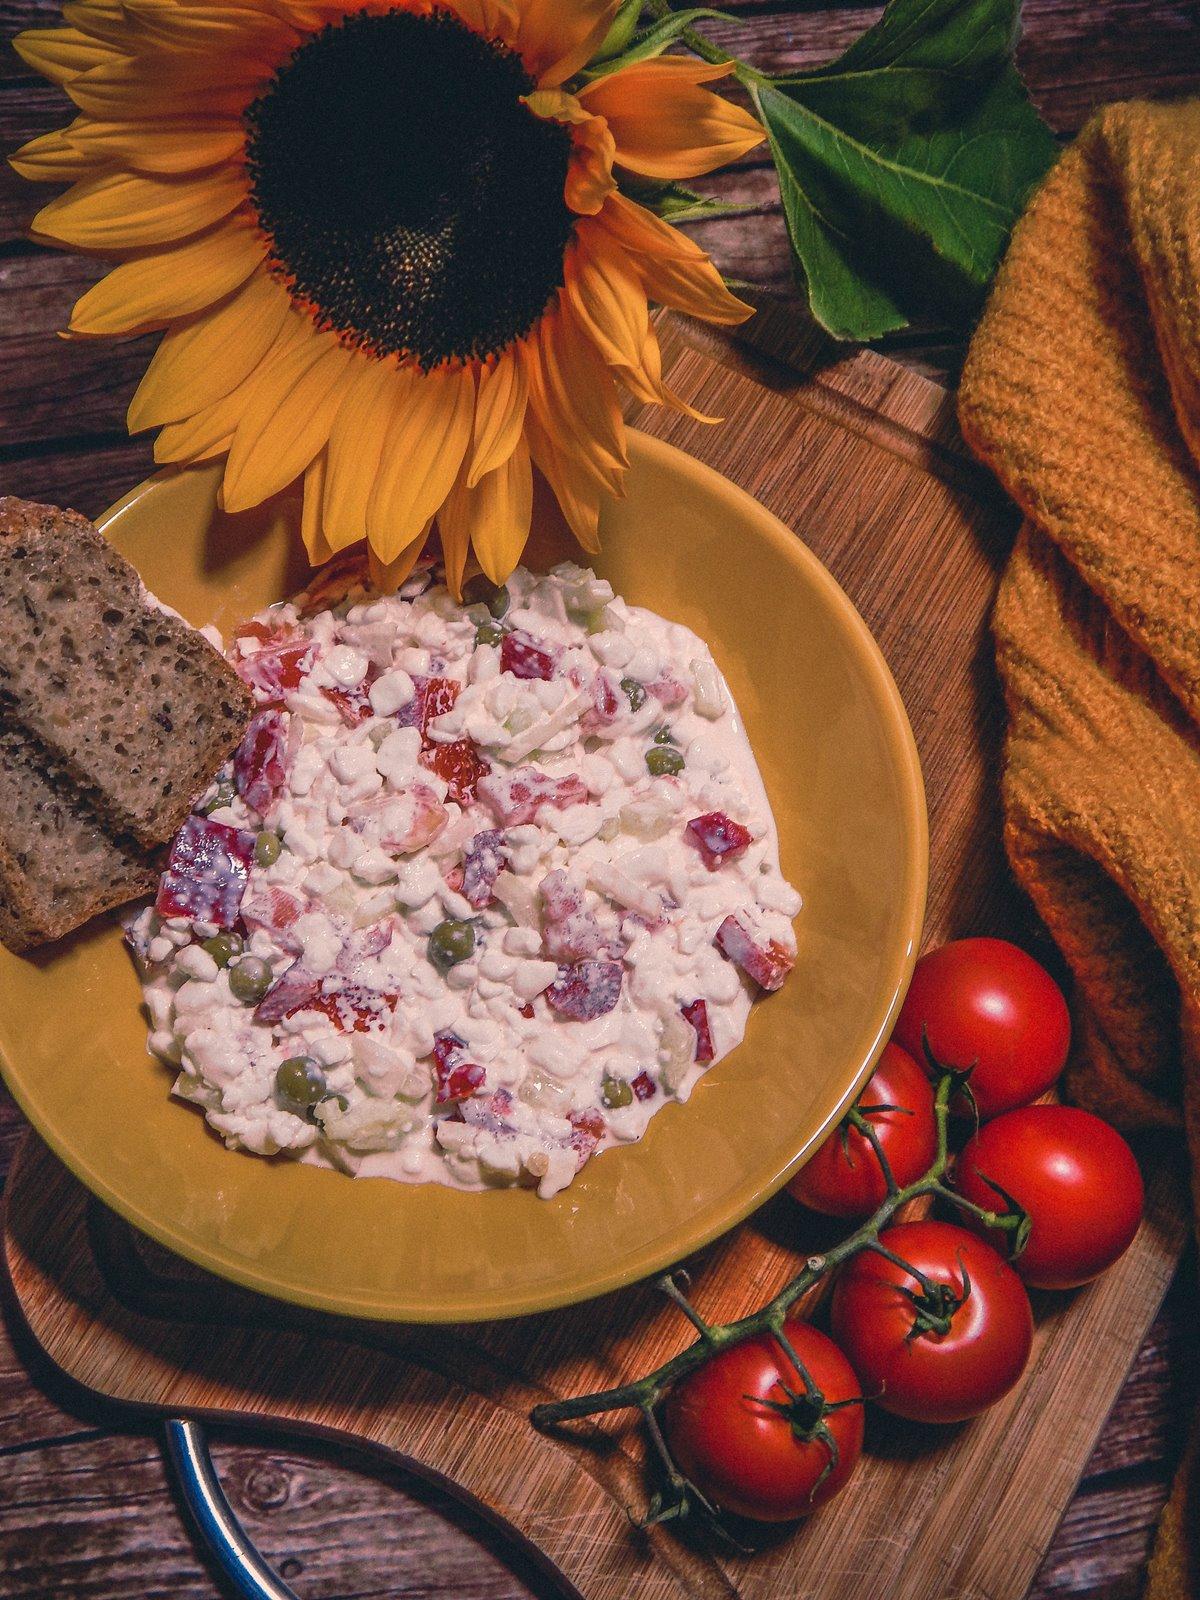 dietetyczne przepisy na śniadania kolacje obiady ilość kalorii dietetyczne dania pomysły na fit przepisy smaczne zdrowe jedzenie co jeść na diecie żeby schudnąć moje przepisy kalorie makroskładniki tabela szybkie